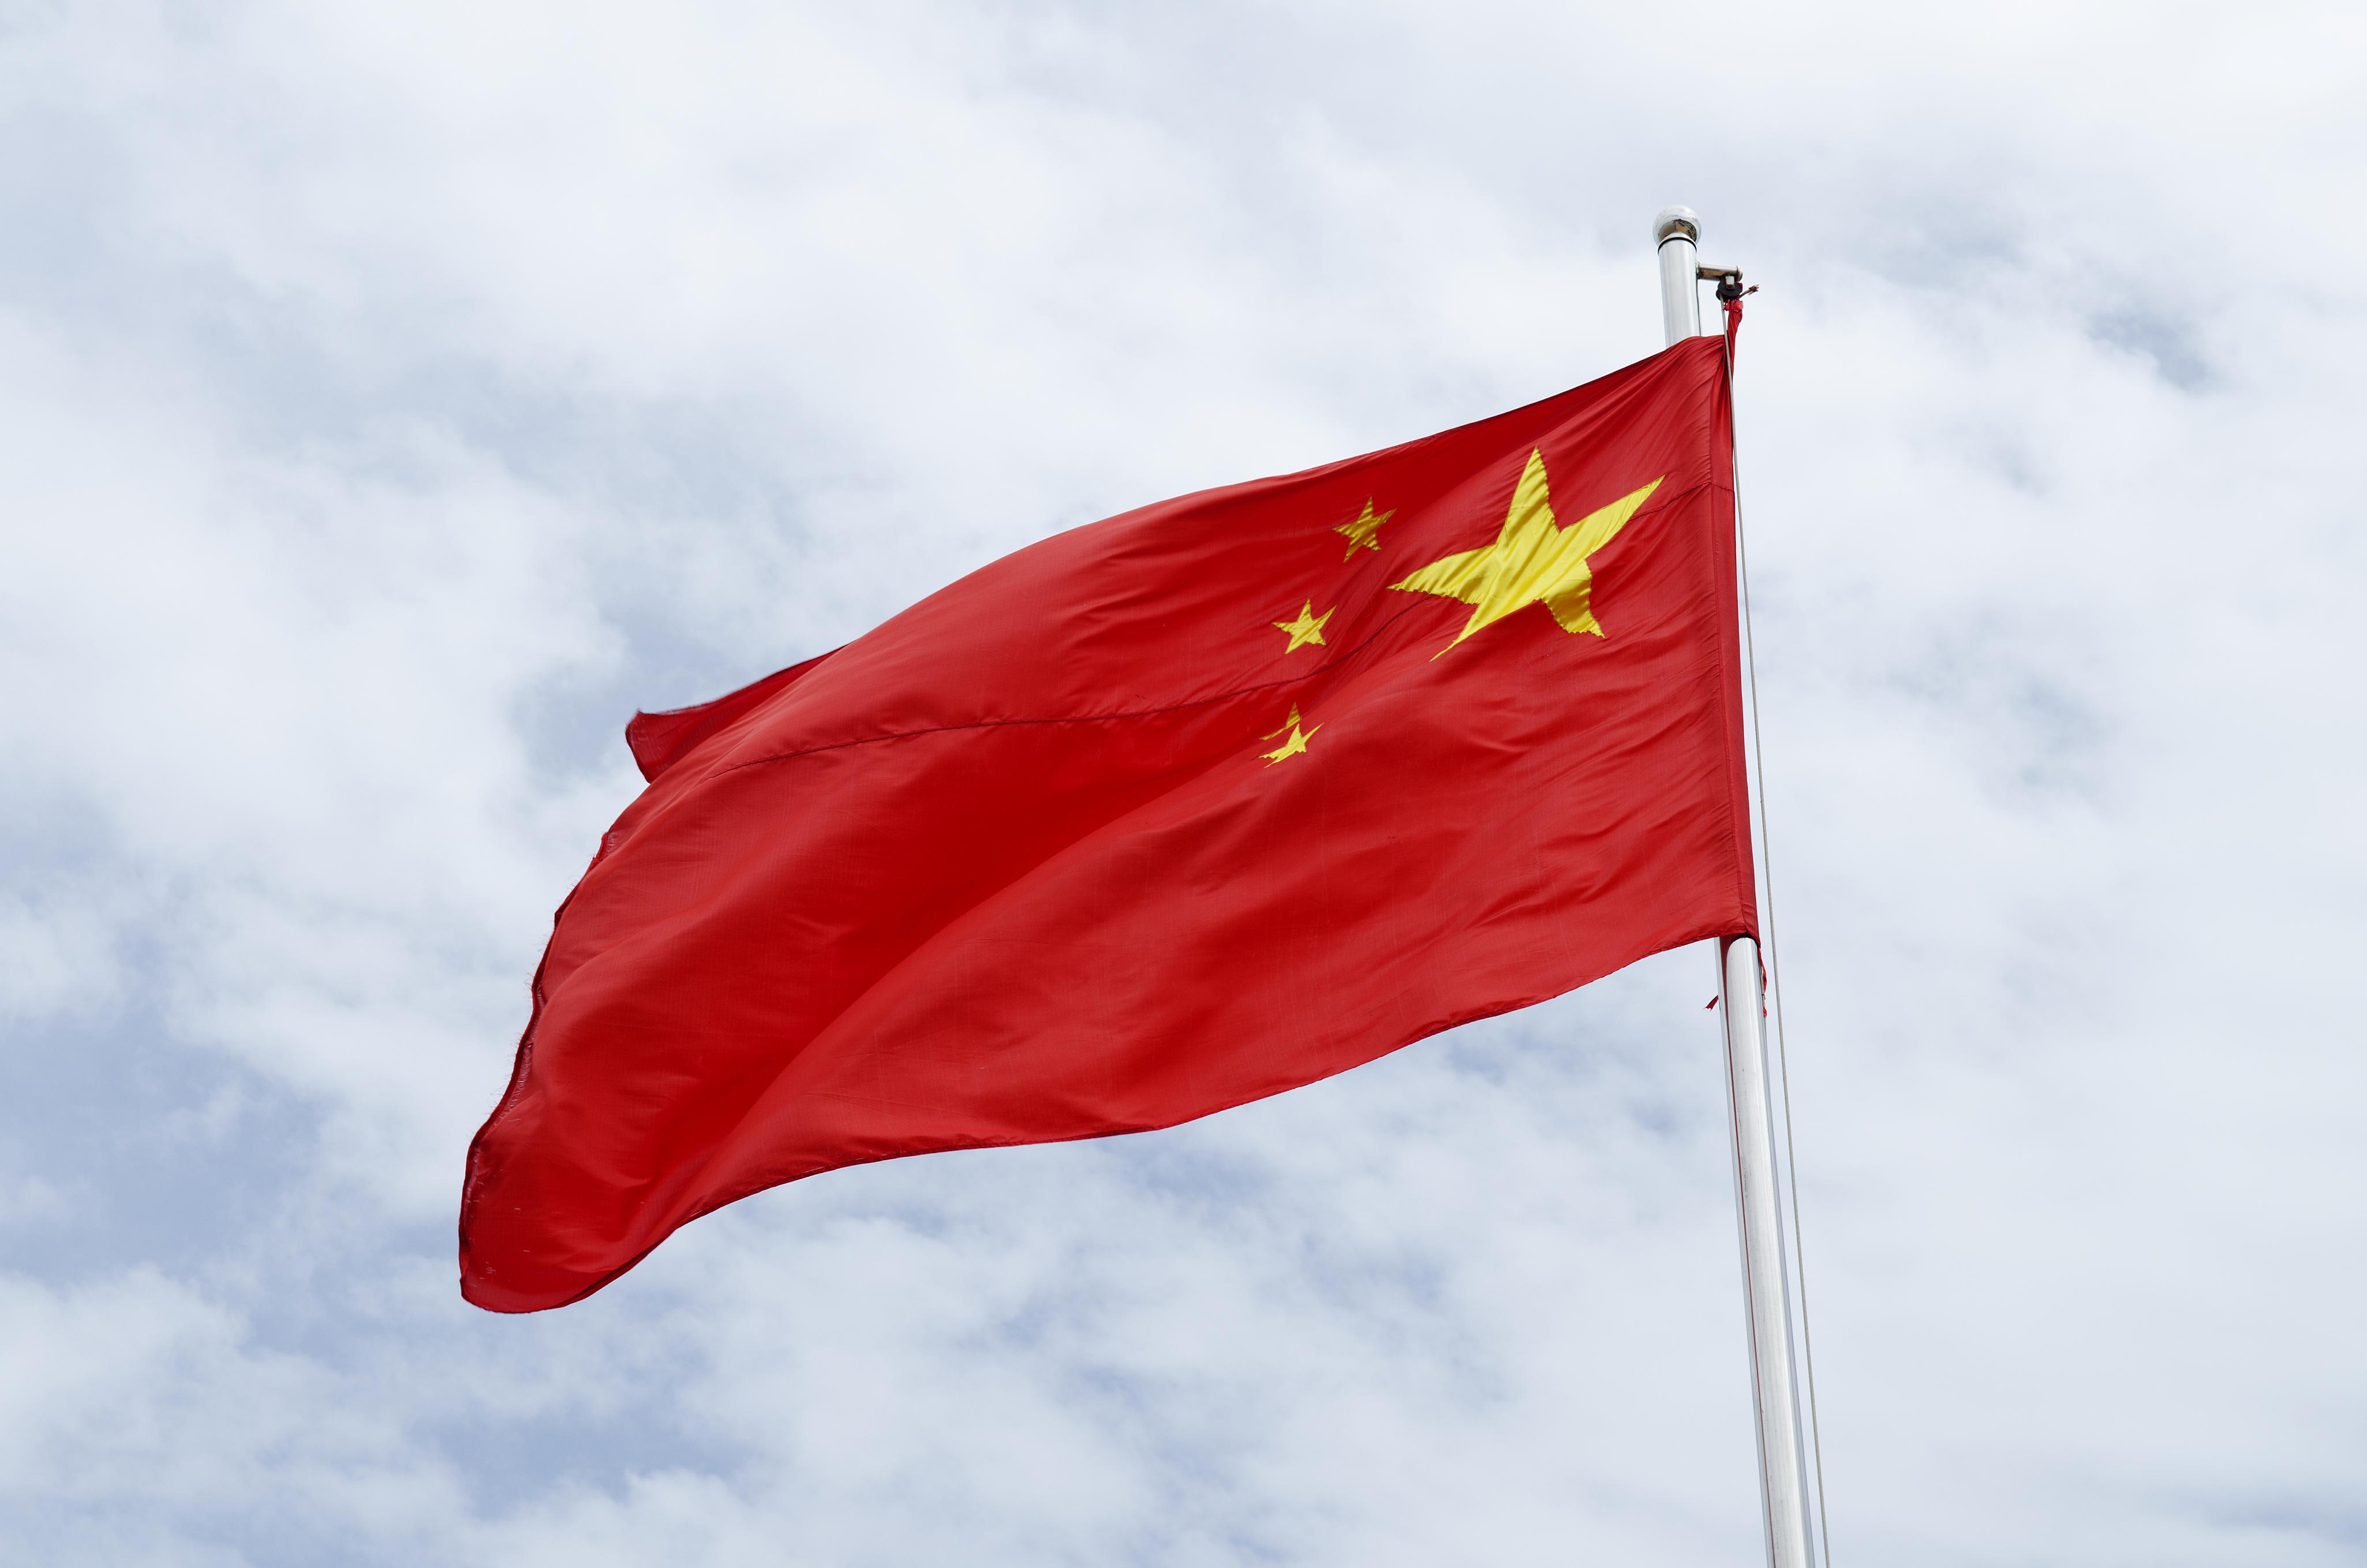 МИД КНР потребовал от ряда СМИ США отчитаться о своей деятельности в Китае